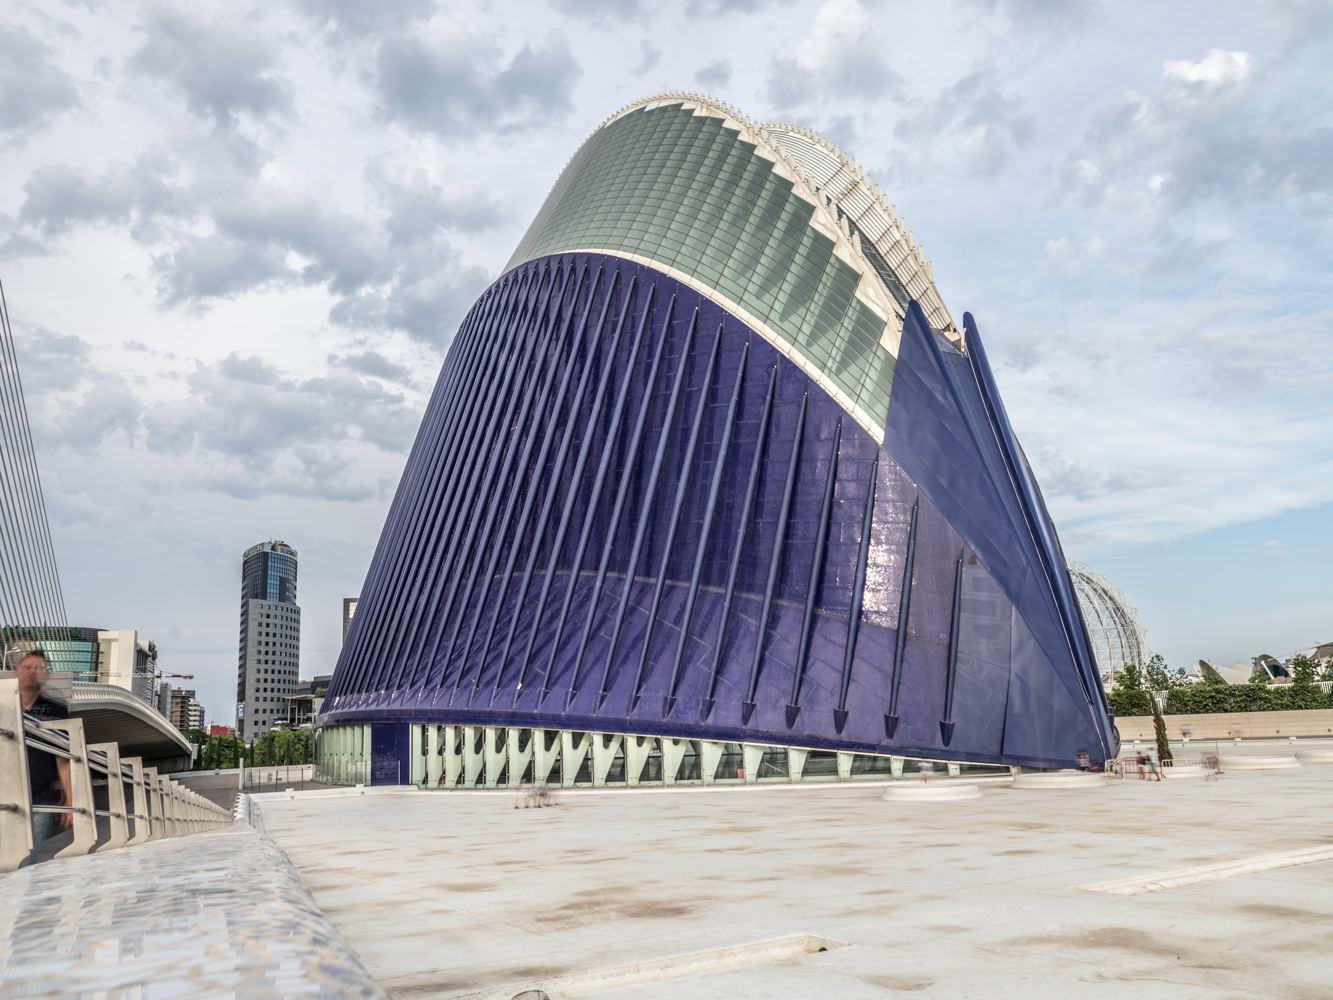 LDKphoto_Valencia-Ciudad de las Artes y las Ciencias-027.jpg